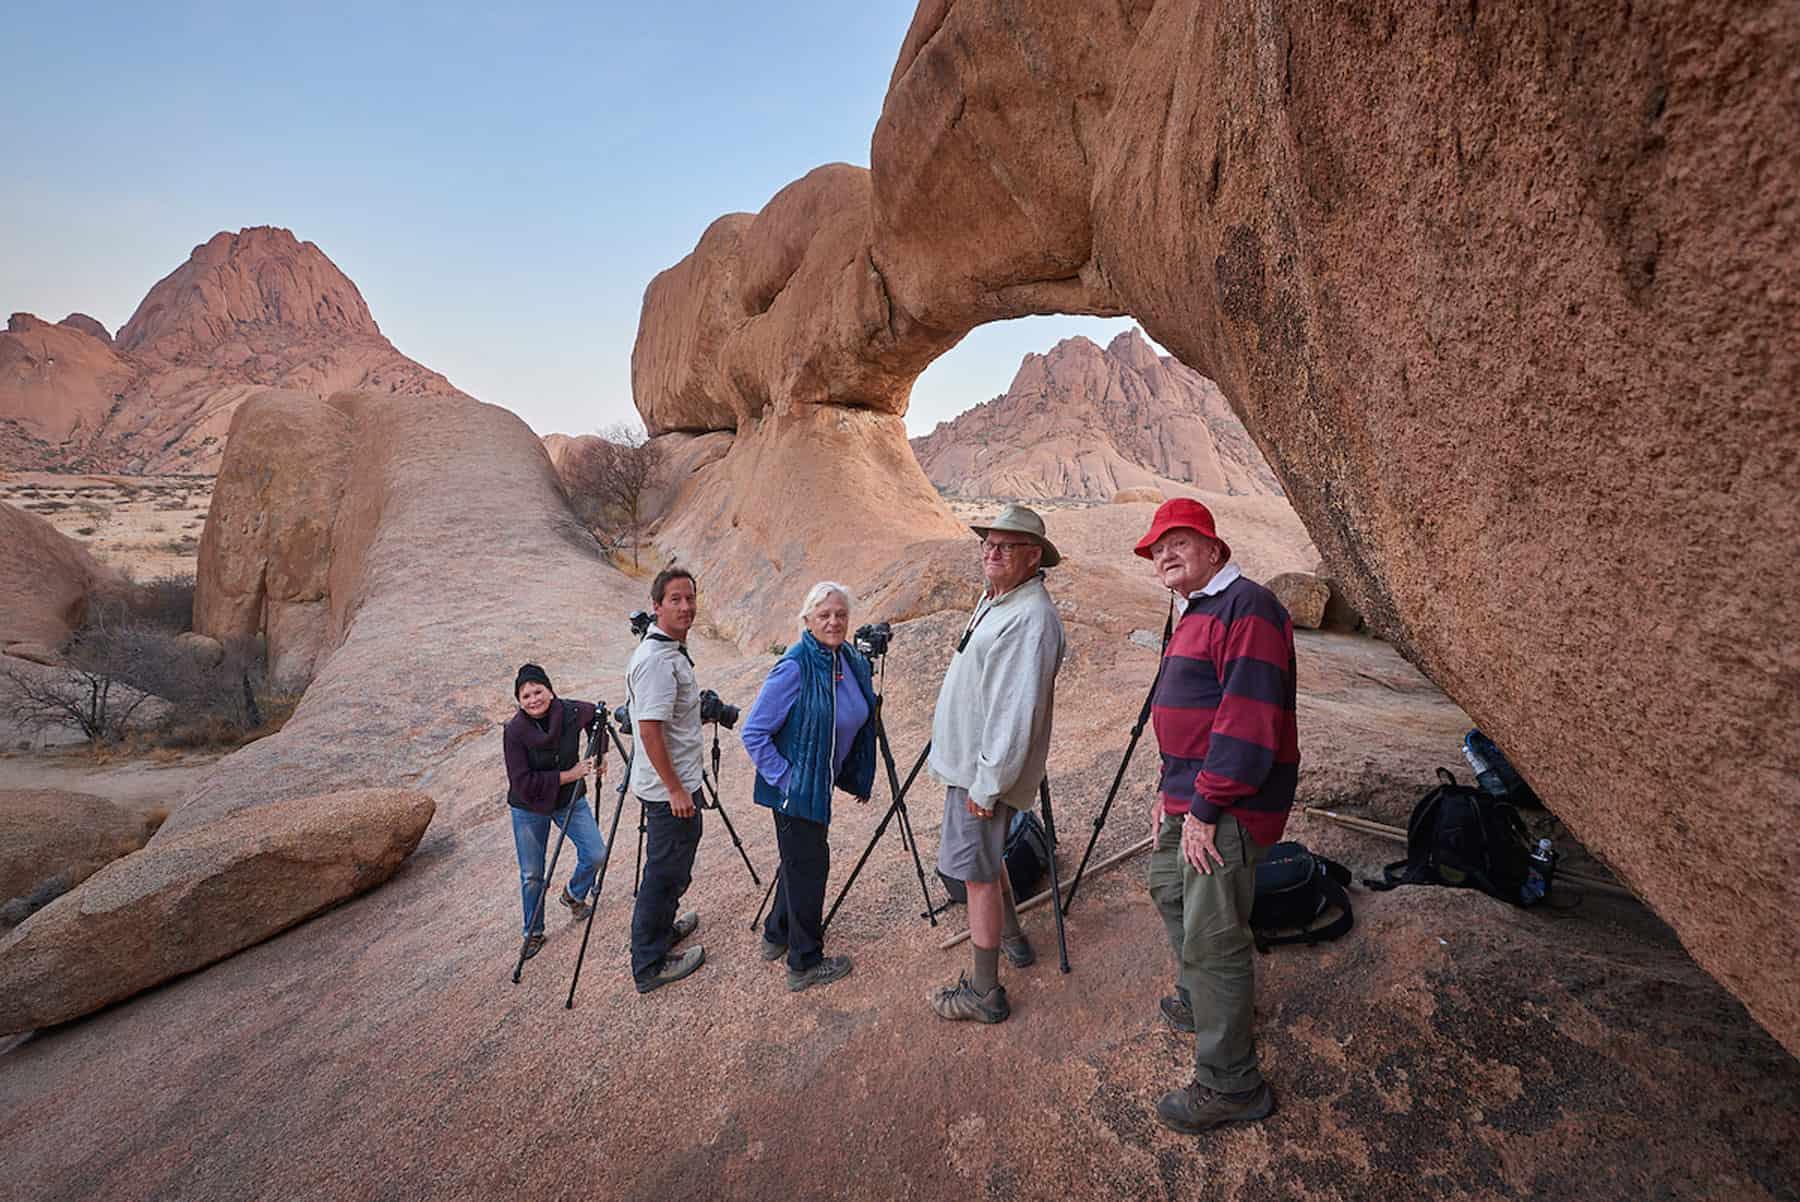 Namibia photo tour, Spitzkoppe